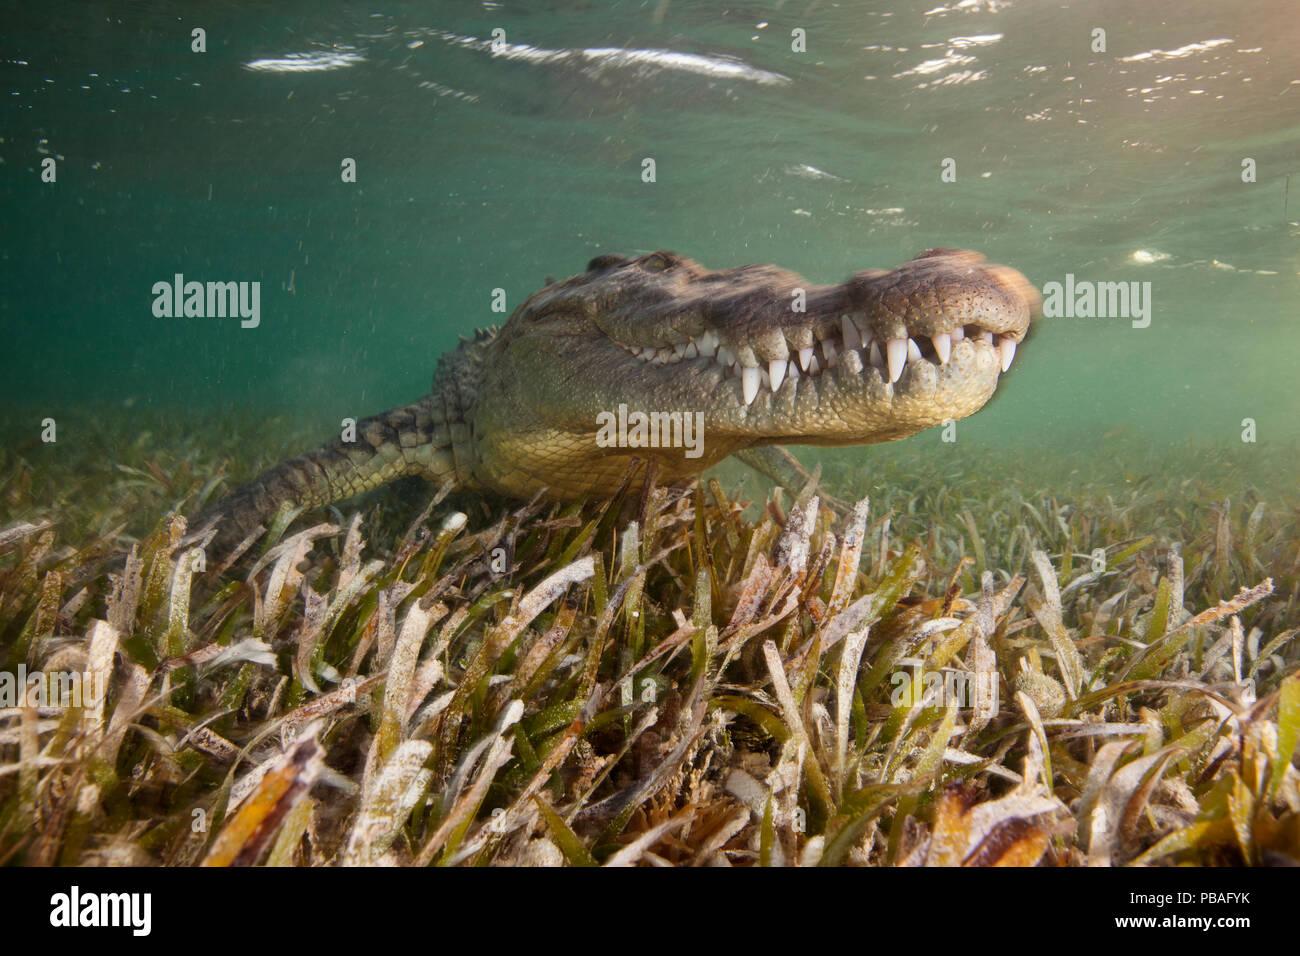 Crocodile (Crocodylus acutus) portrait sur lit d'herbes marines peu profondes en ater, Réserve de biosphère Banco Chinchorro, Caraïbes, Mexique, mai. Banque D'Images